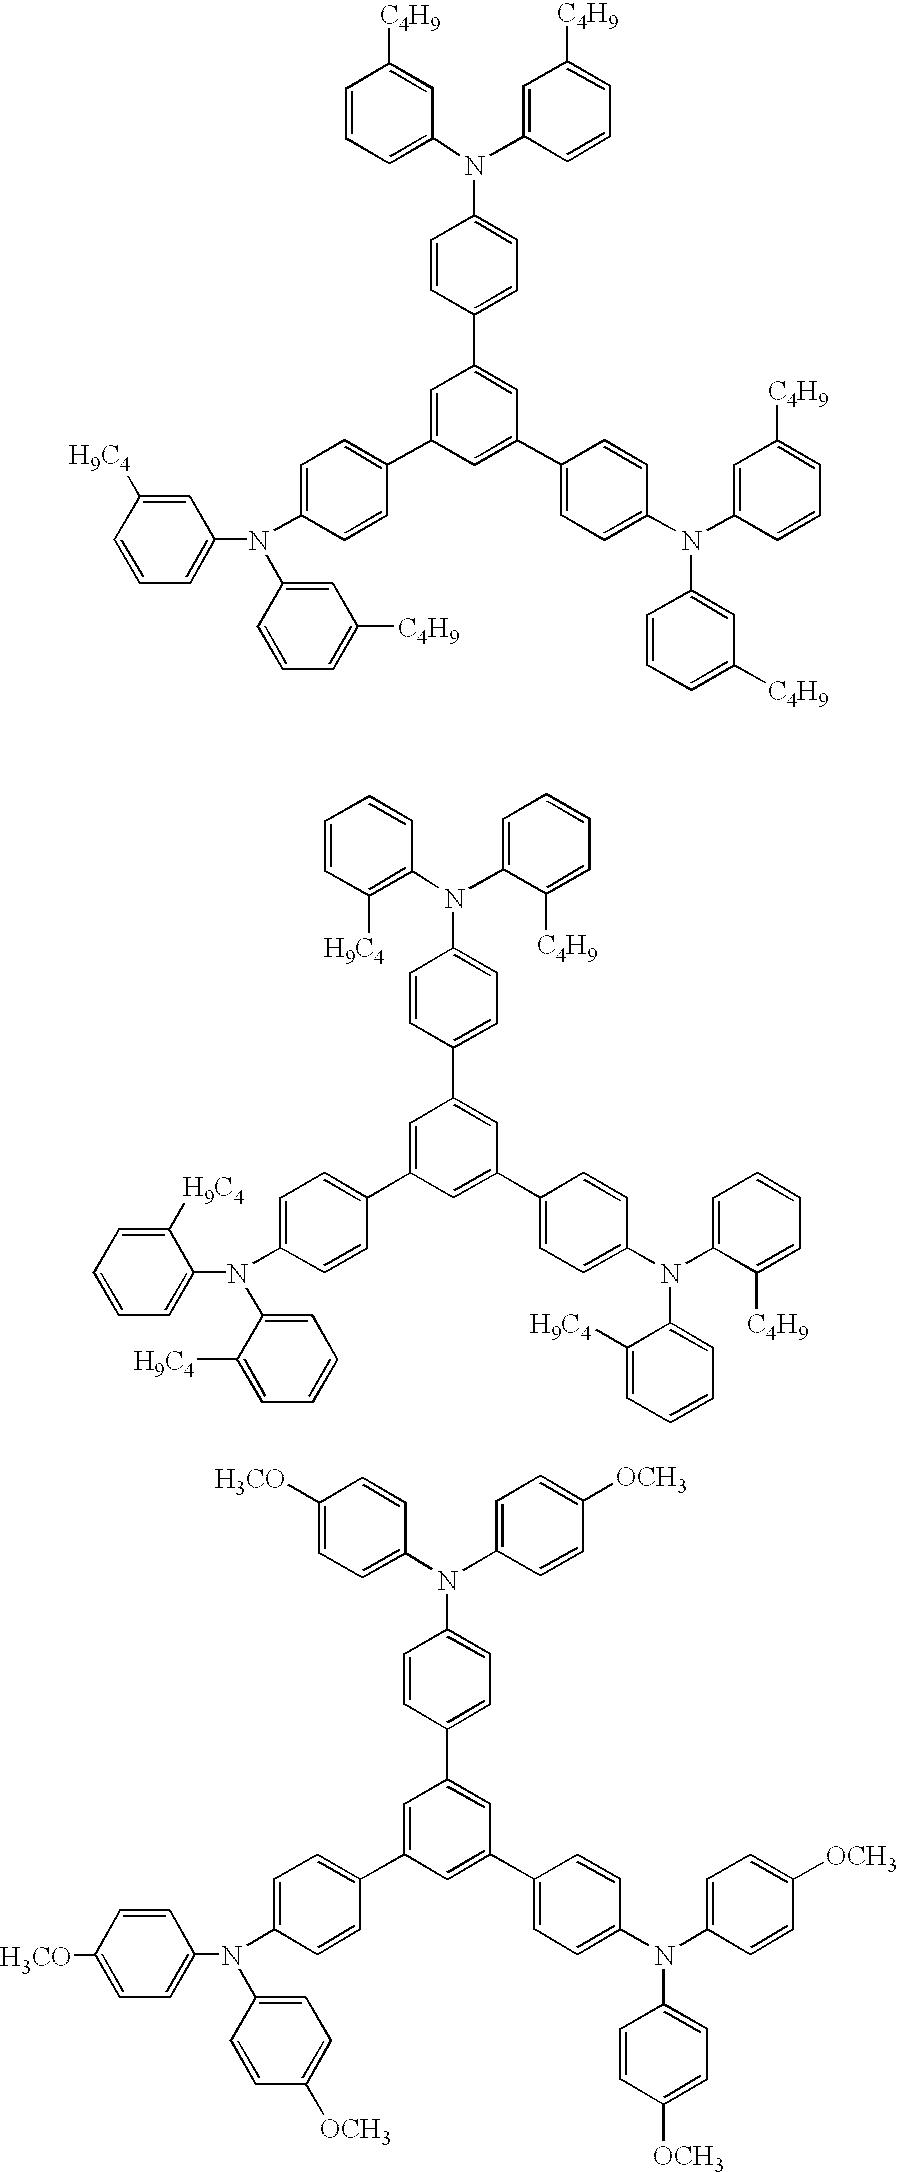 Figure US06541128-20030401-C00049